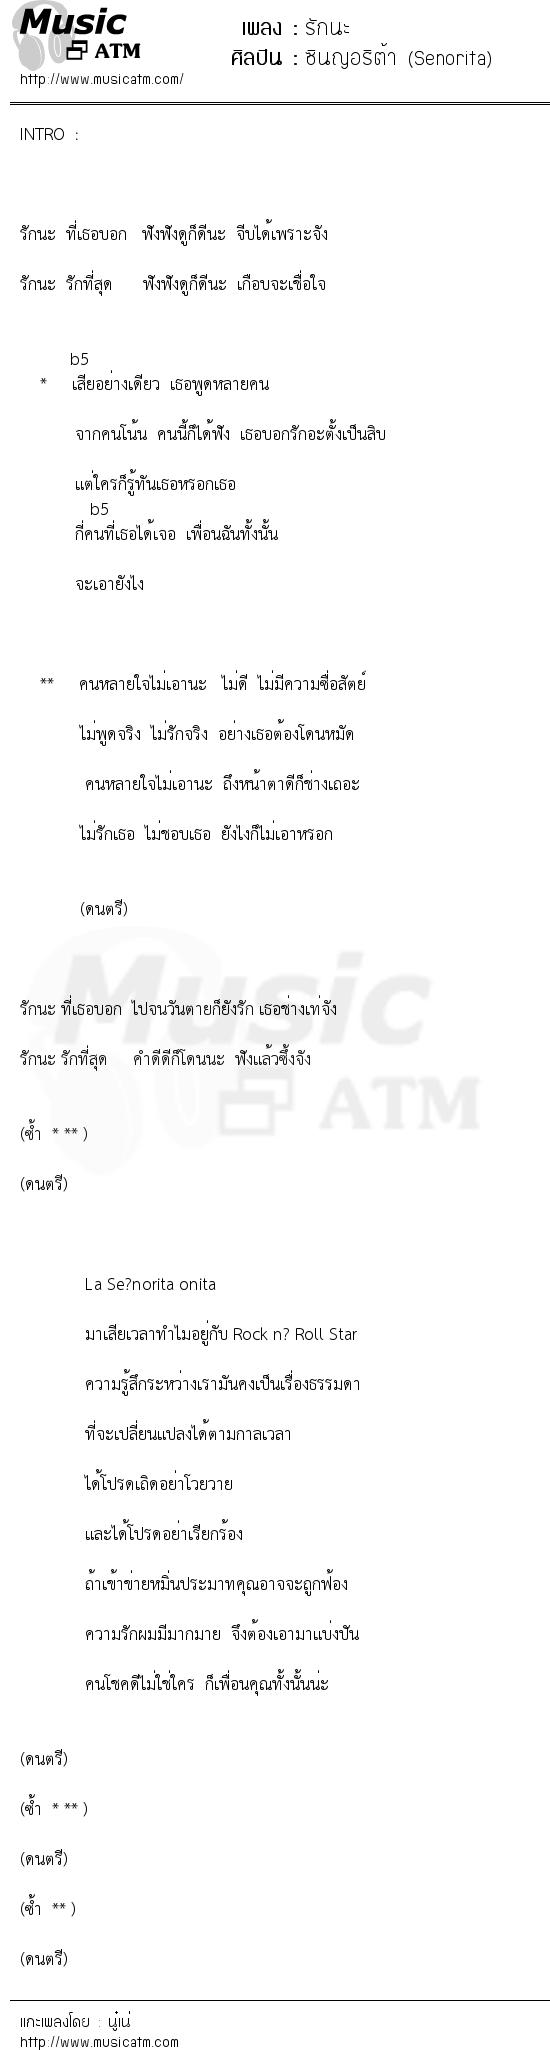 เนื้อเพลง รักนะ - ซินญอริต้า (Senorita) | เพลงไทย